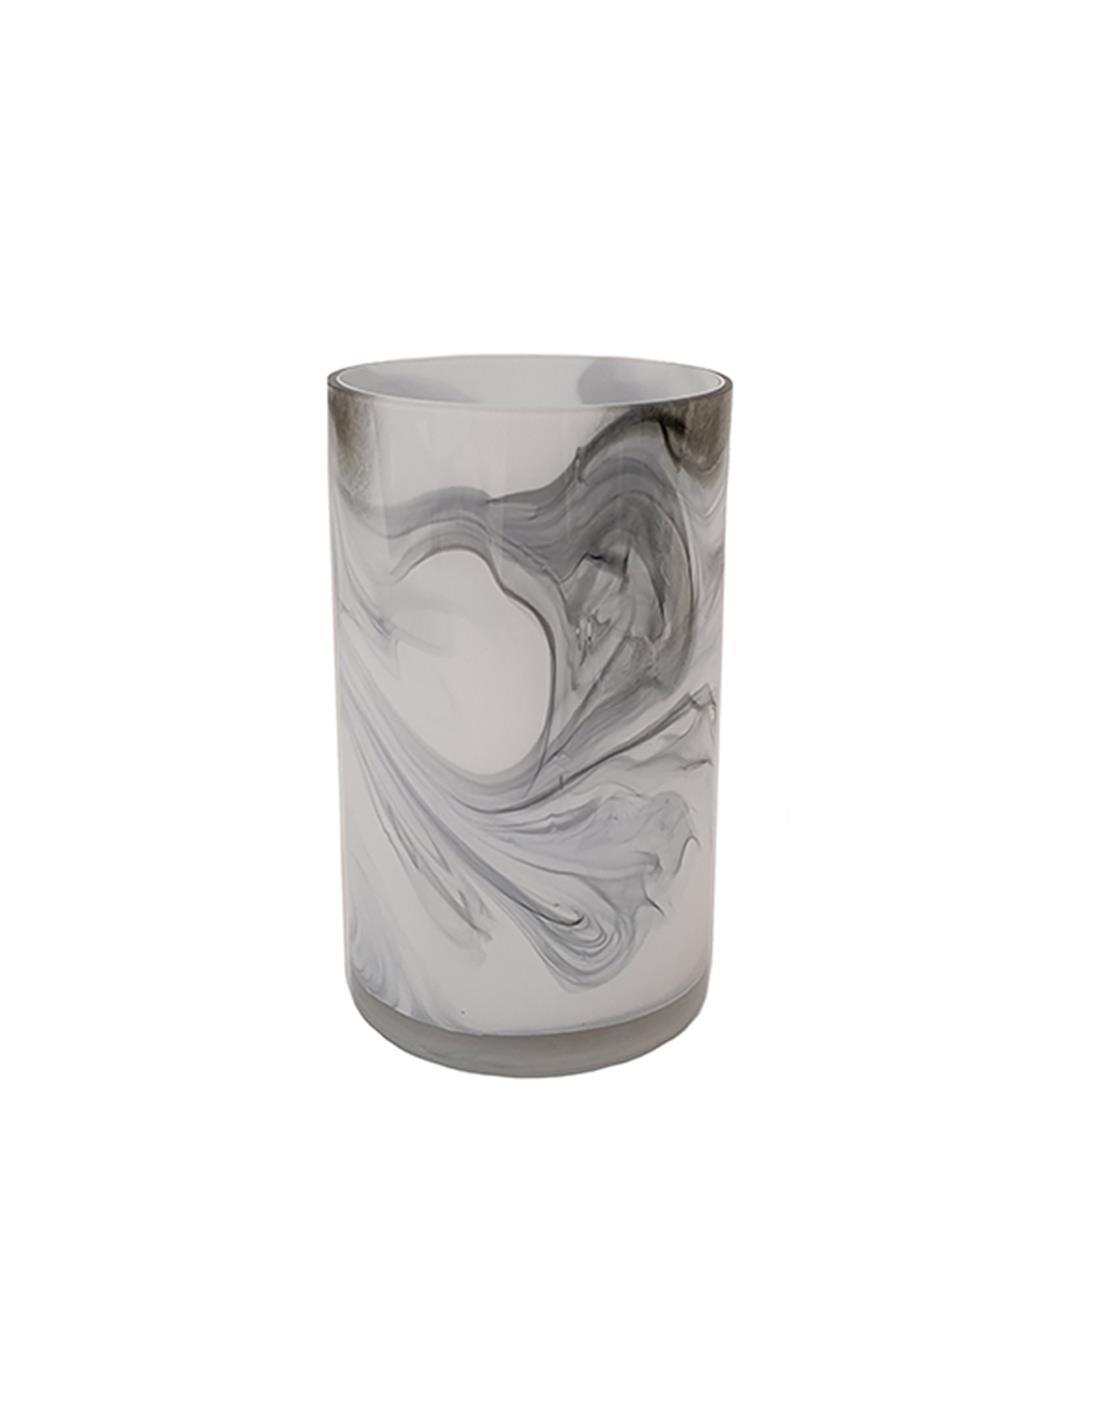 Βάζο marble γυάλινο λευκό/μαύρο 15x25cm